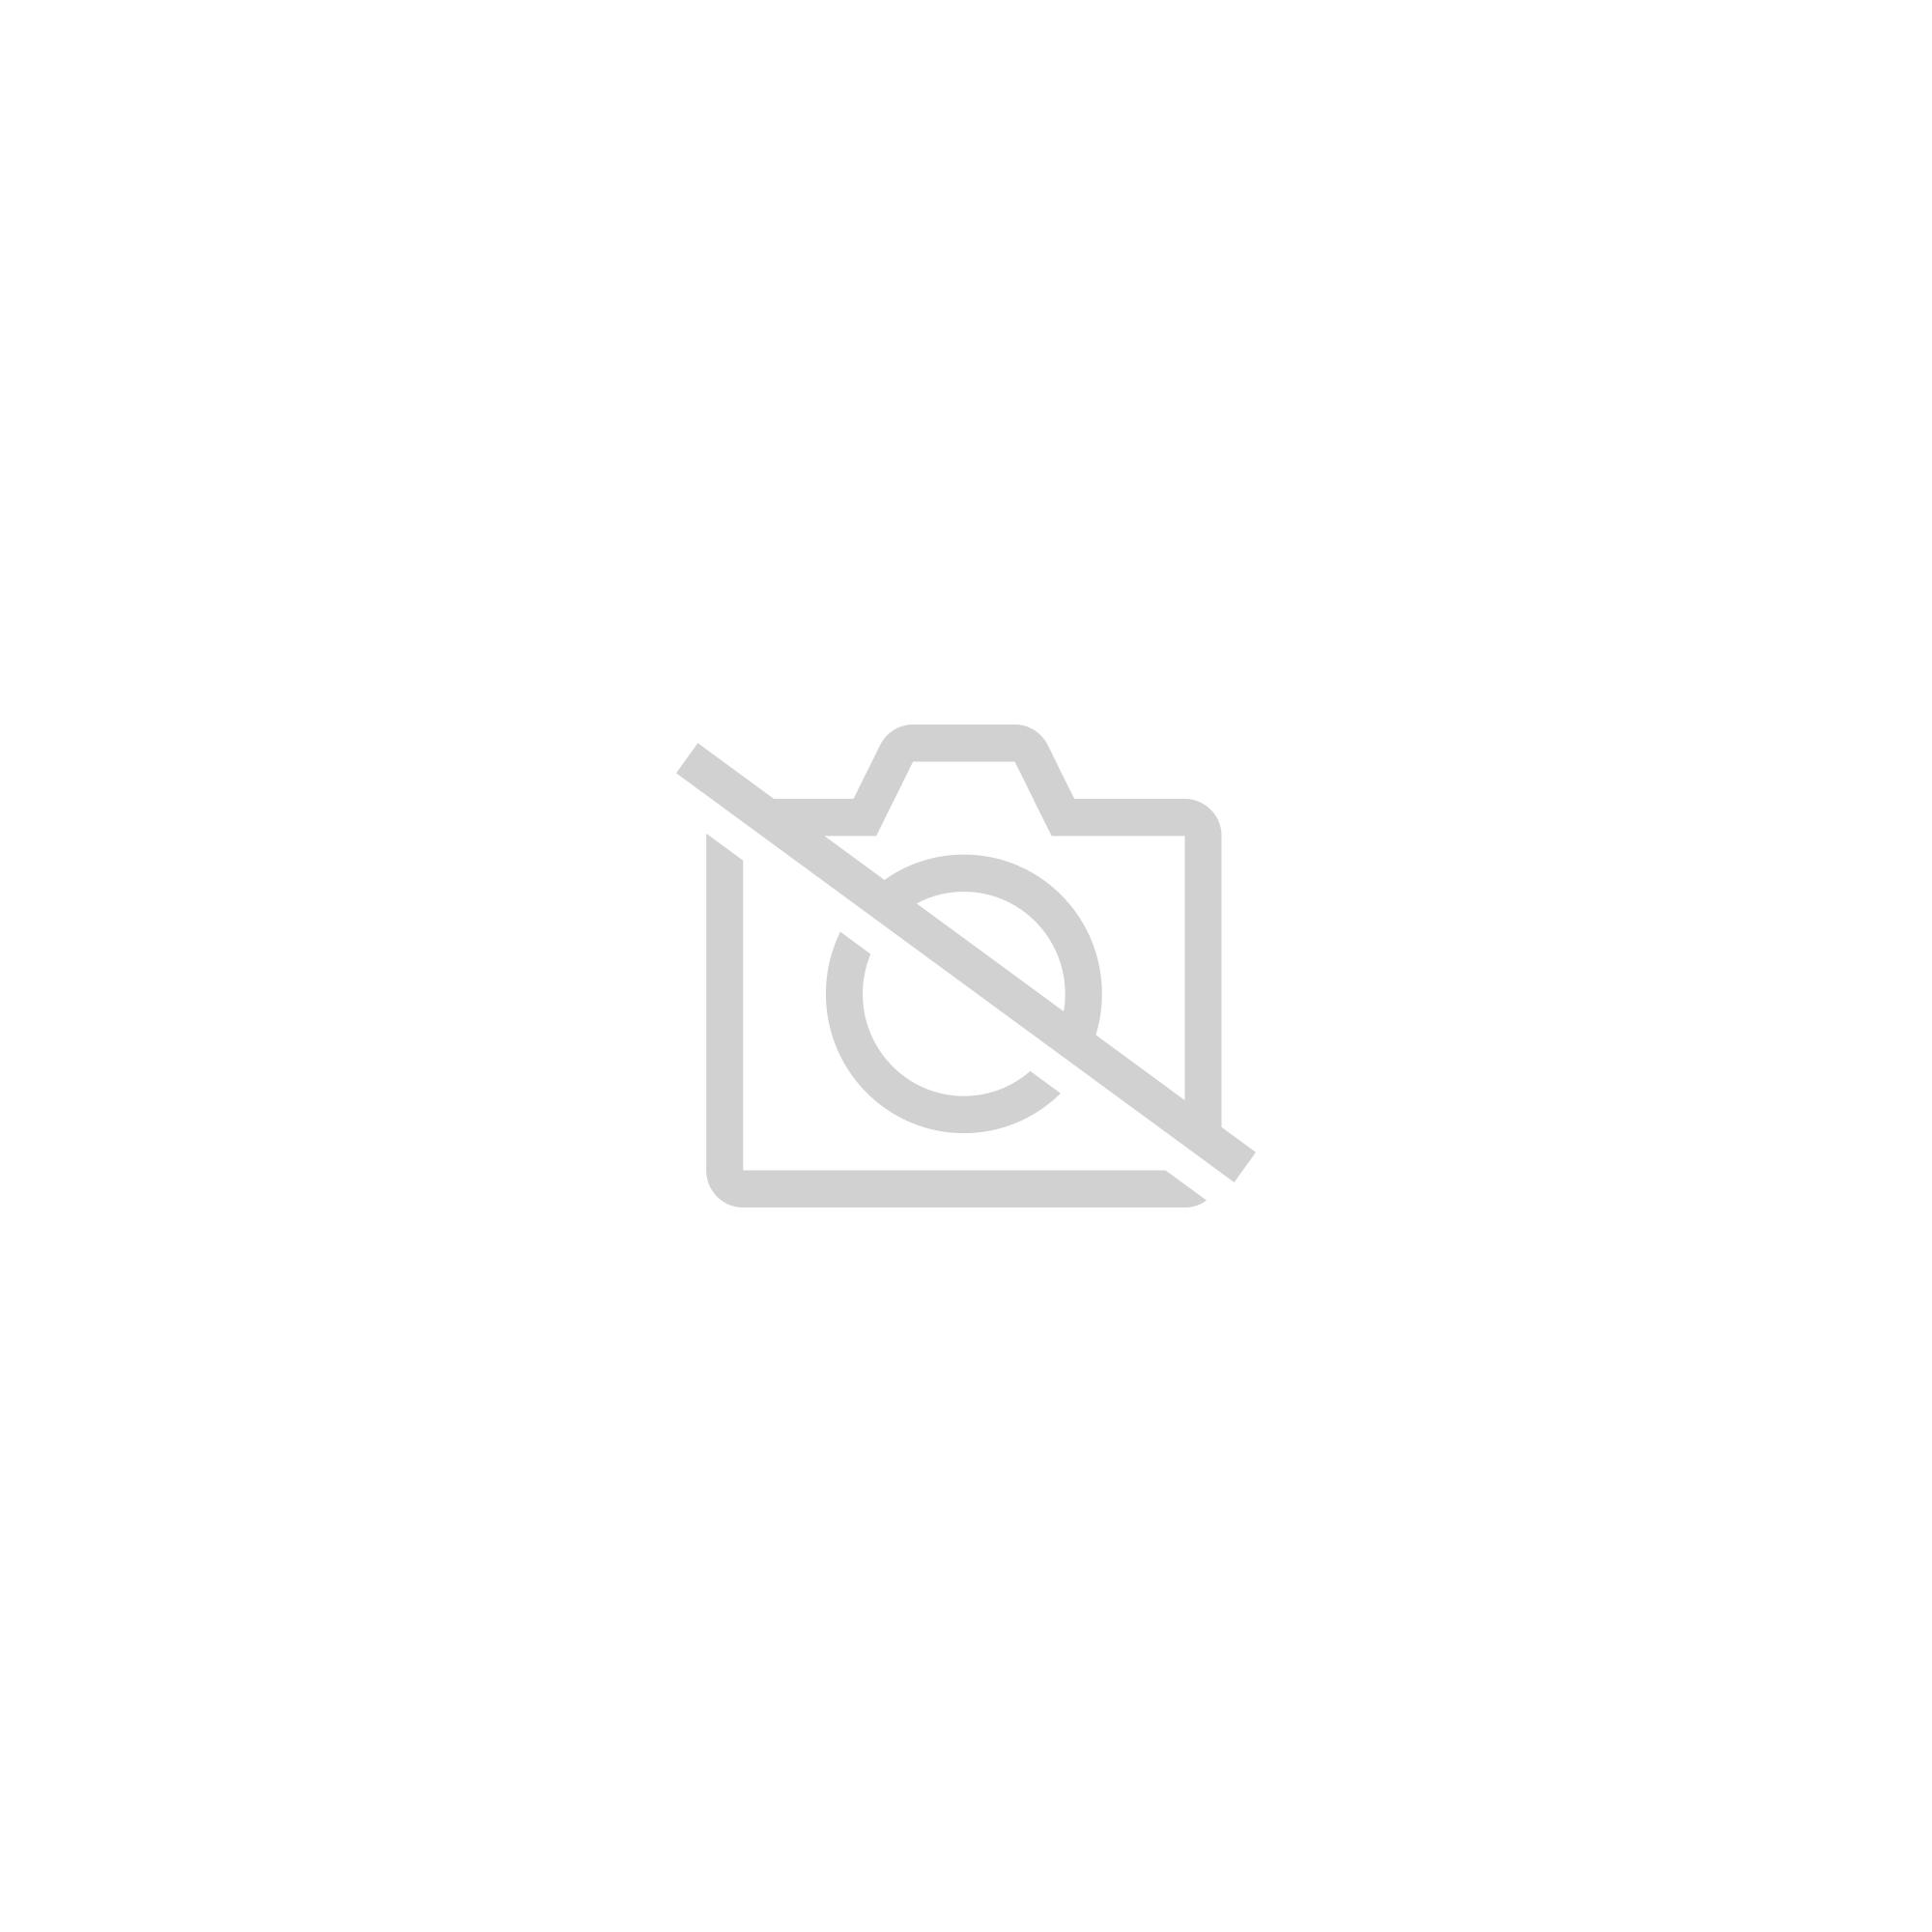 [ECHANGES] Soldes d'été 2015 - Page 2 1036358894